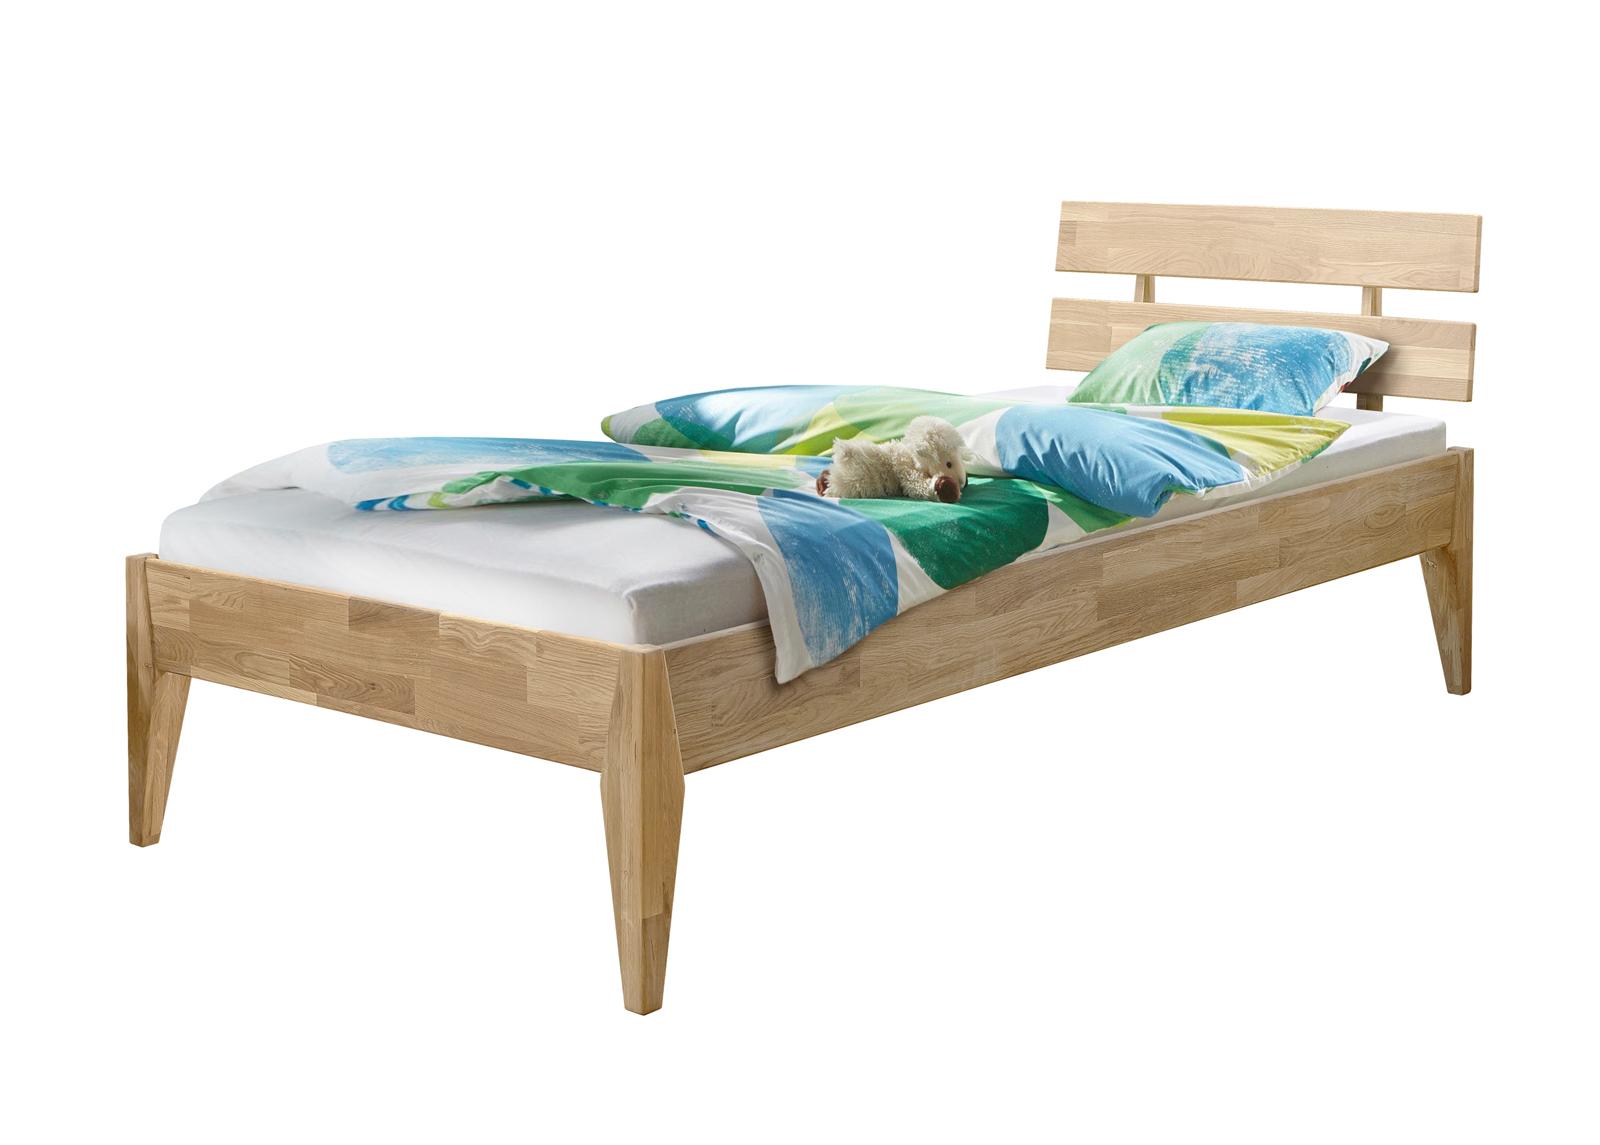 Tammi sänky Elke 90x200 cm, valkoinen öljy